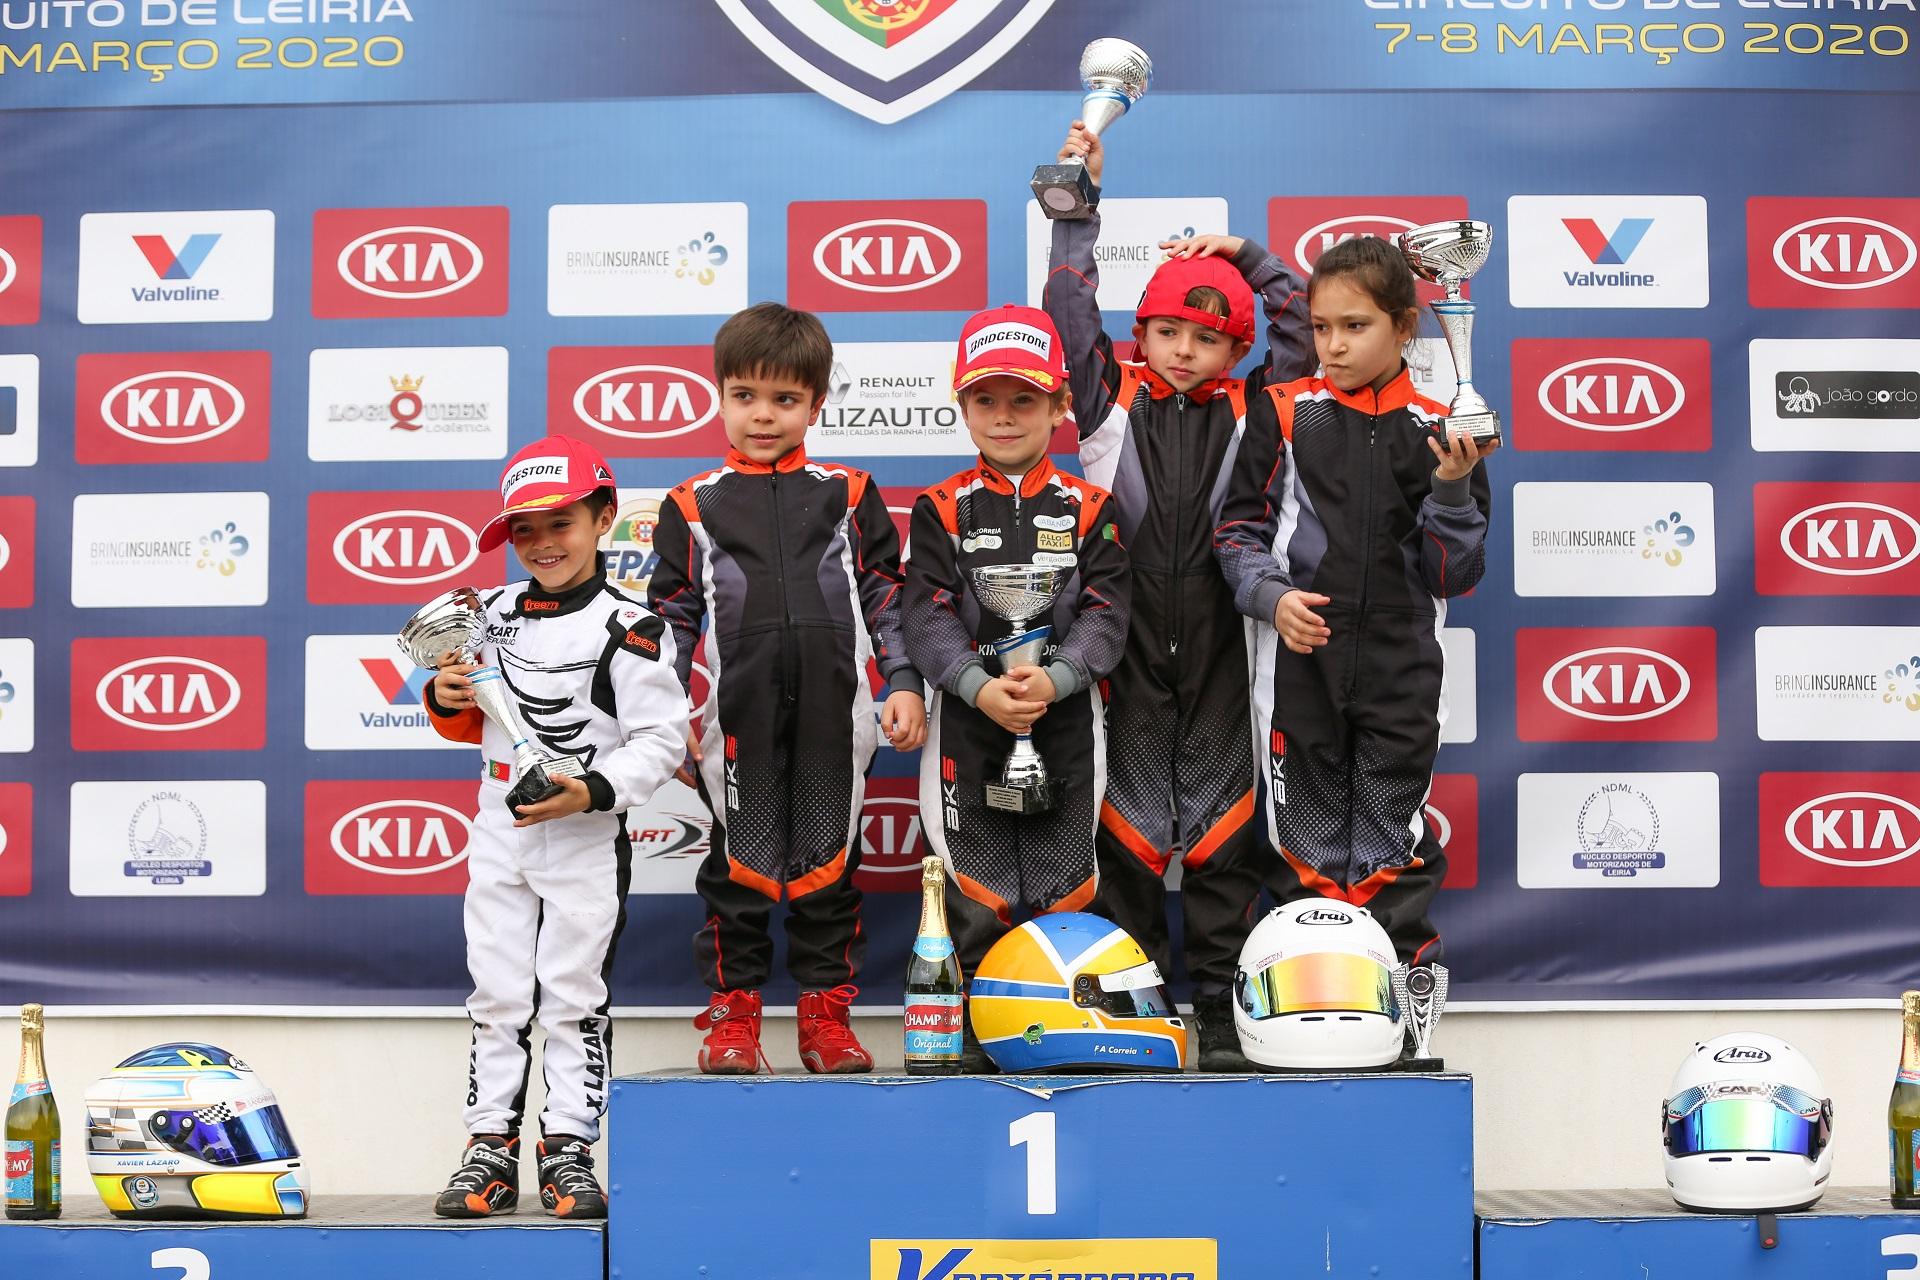 Francisco Correia triunfa na abertura do Campeonato de Portugal de Karting Iniciação